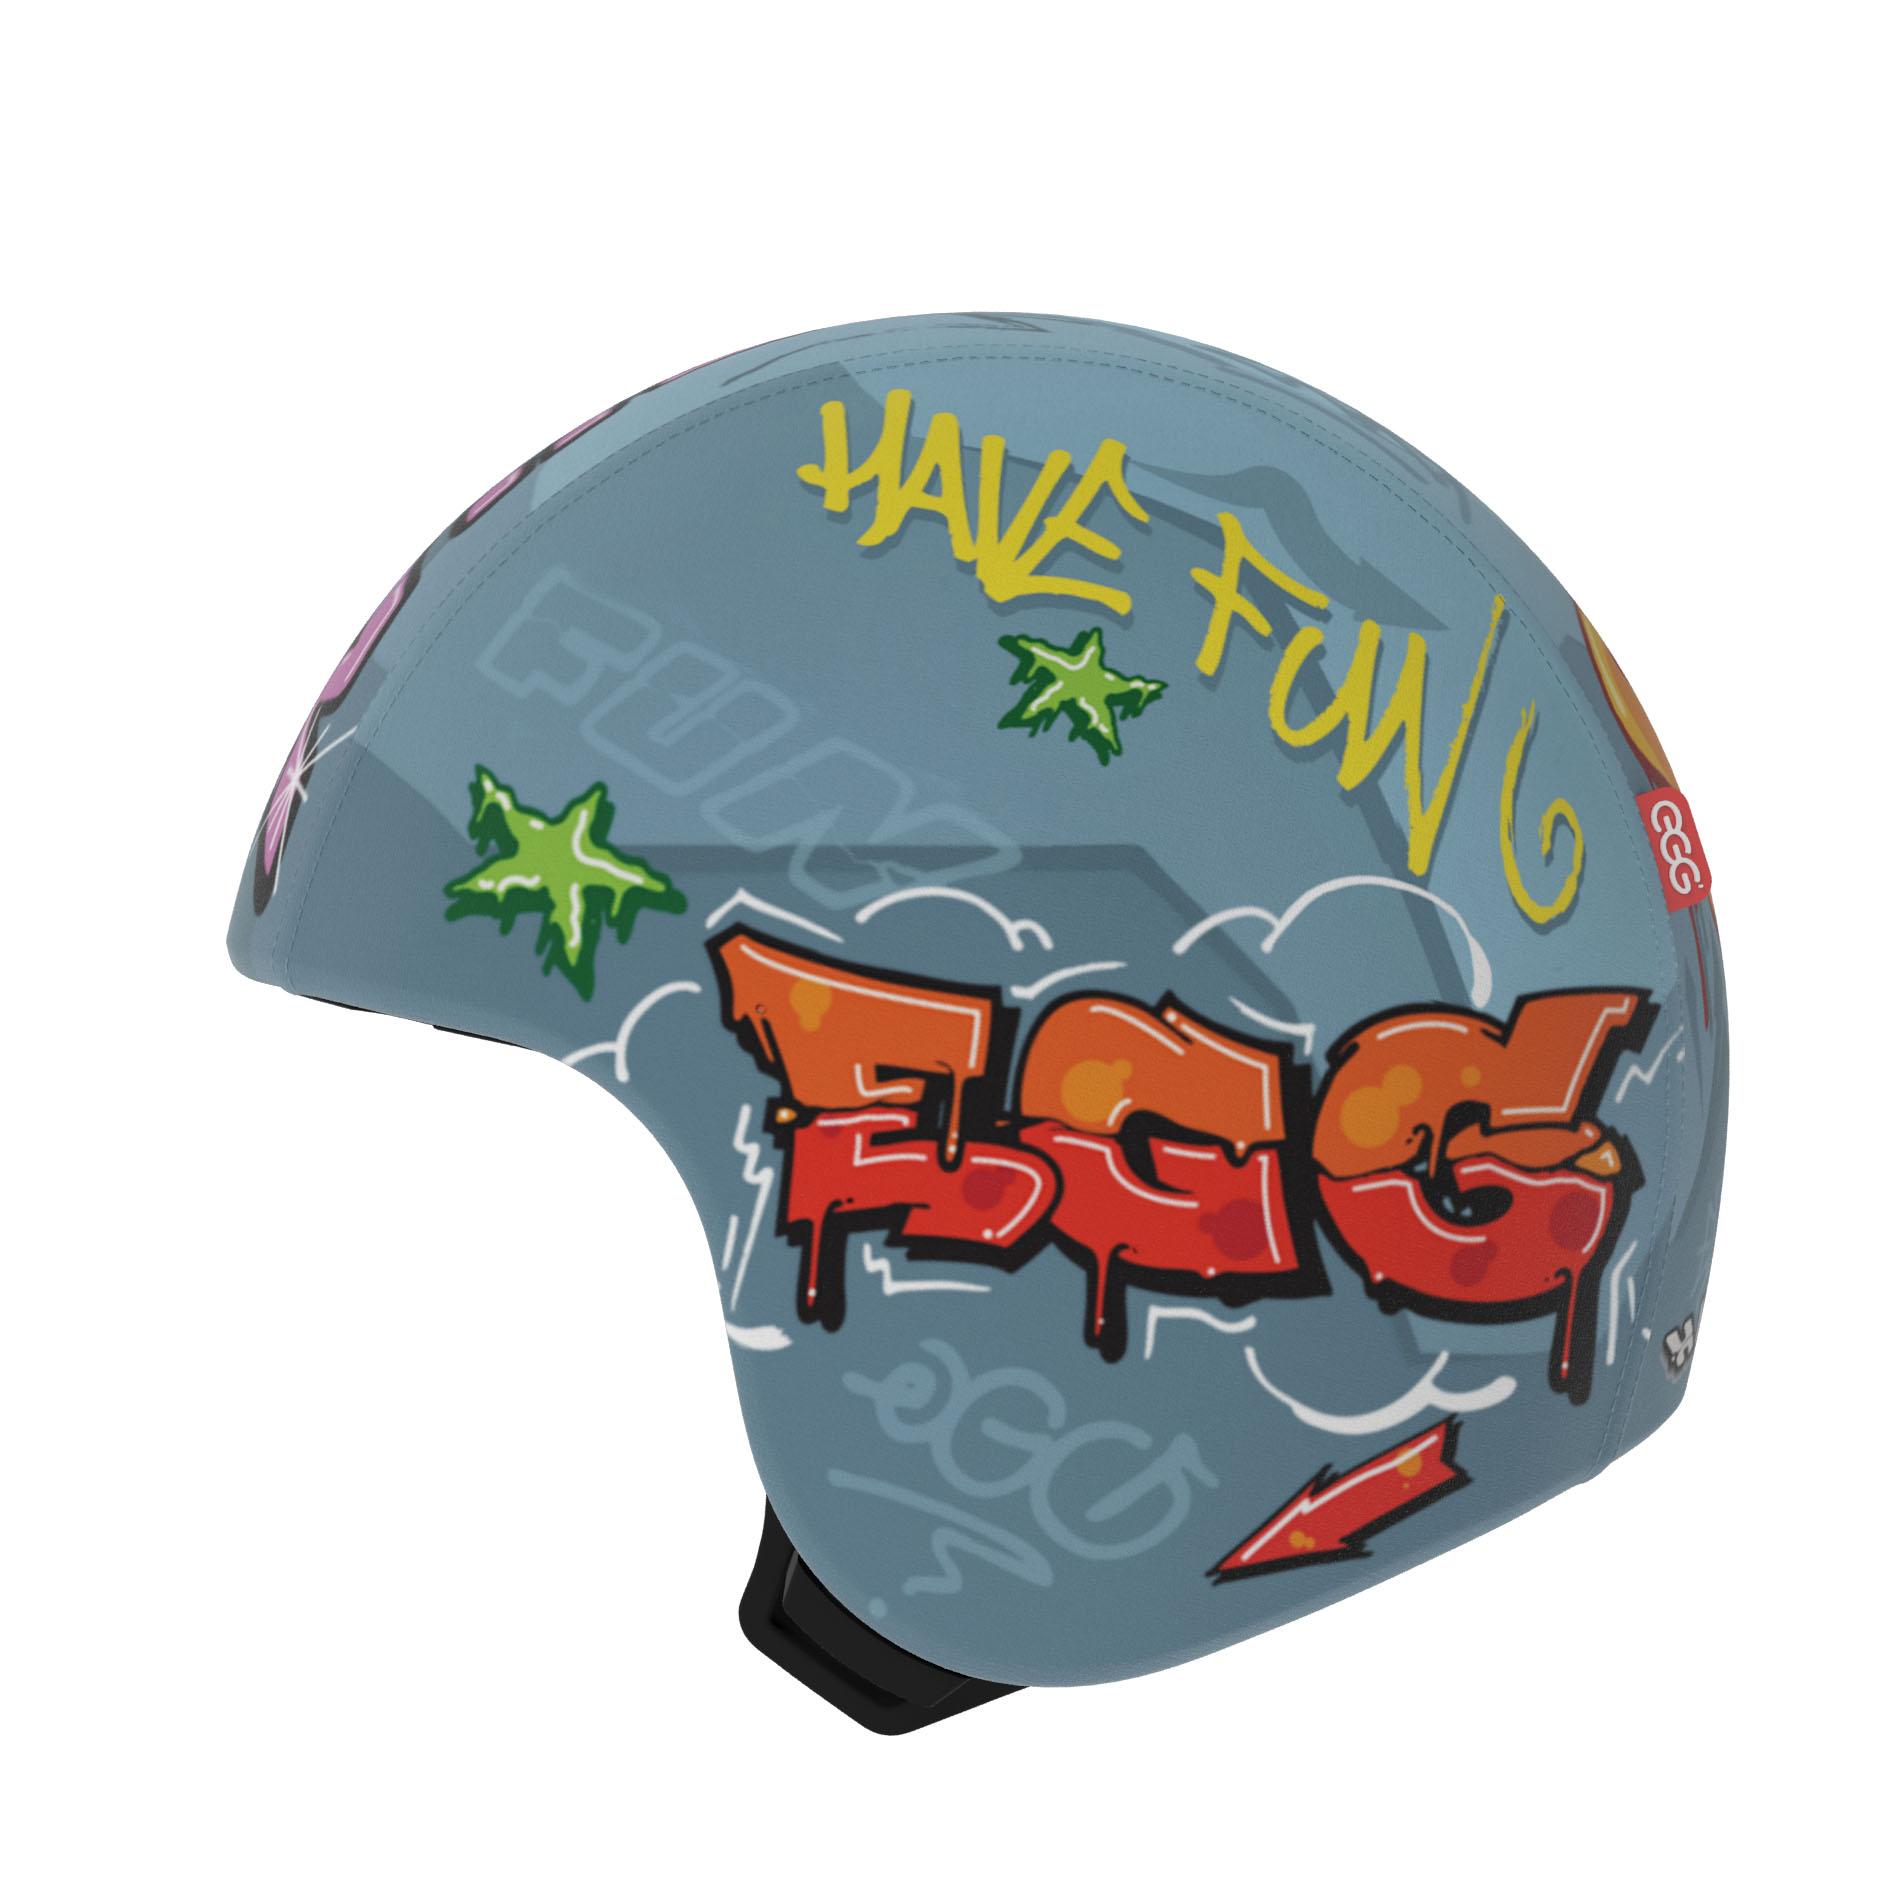 Egg – Egg skin - igor, str. m, +10 stk. på lager fra pixizoo